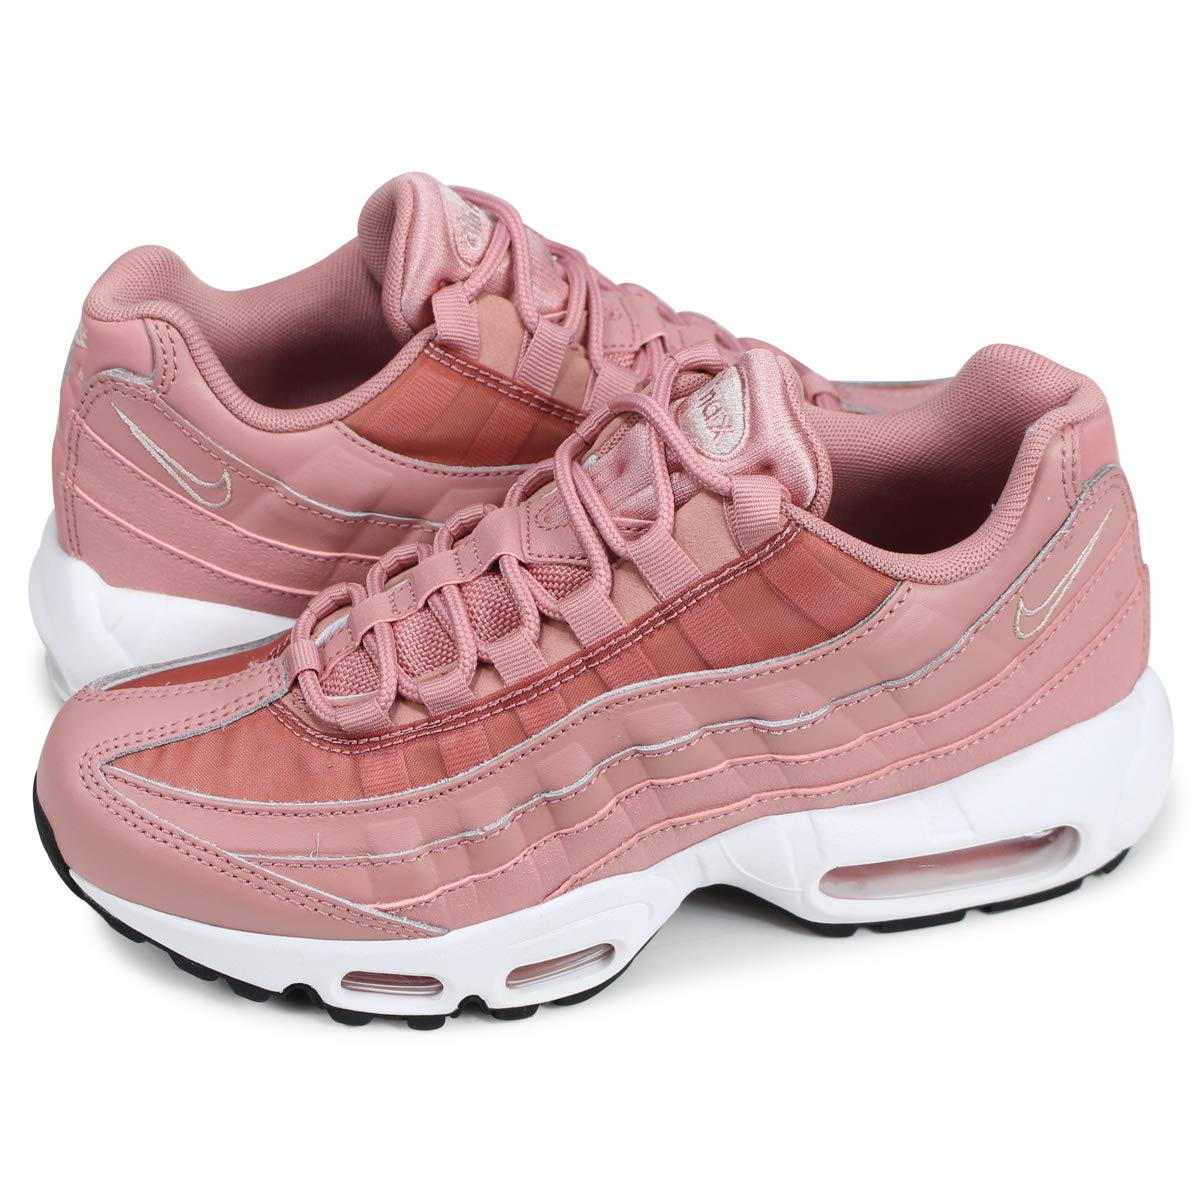 MultiCouleure (Rust rose Particle Beige noir blanc 606) Nike WMNS Air Max 95, Chaussures de Fitness Femme 41 EU